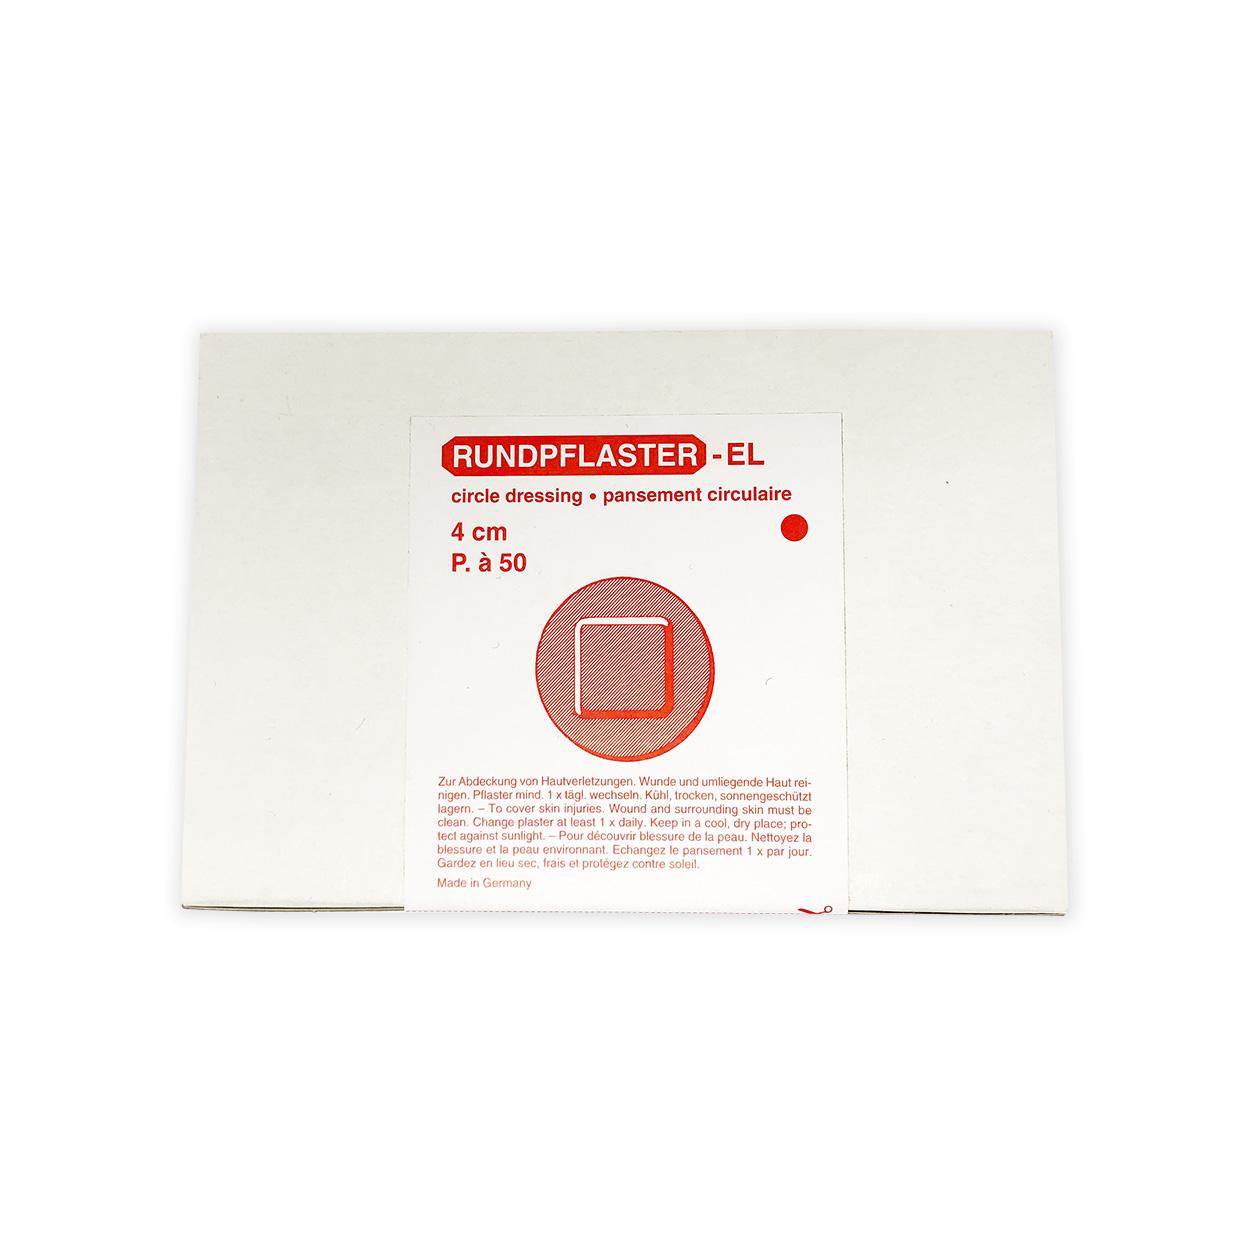 Wundschnellverband Rundpflaster 4 cm - Packung à 50 Stück